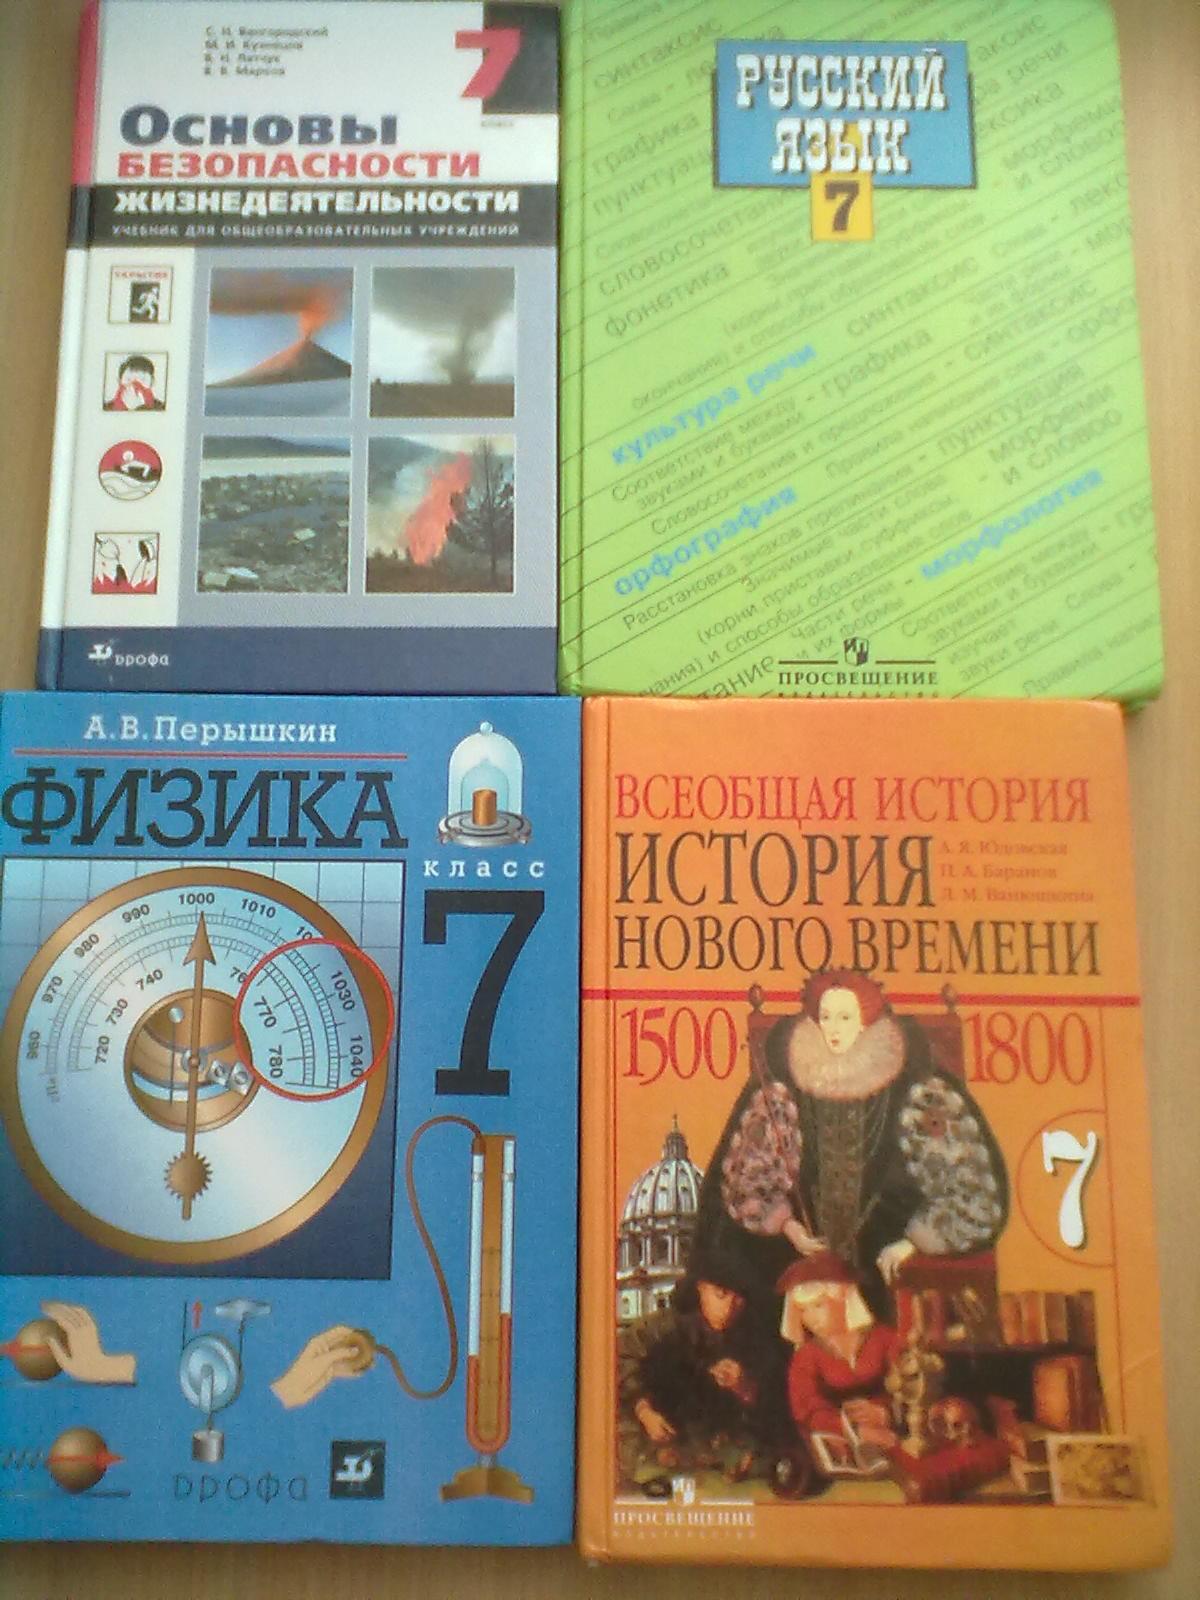 Истории времени к класс 8 решебник учебнику нового